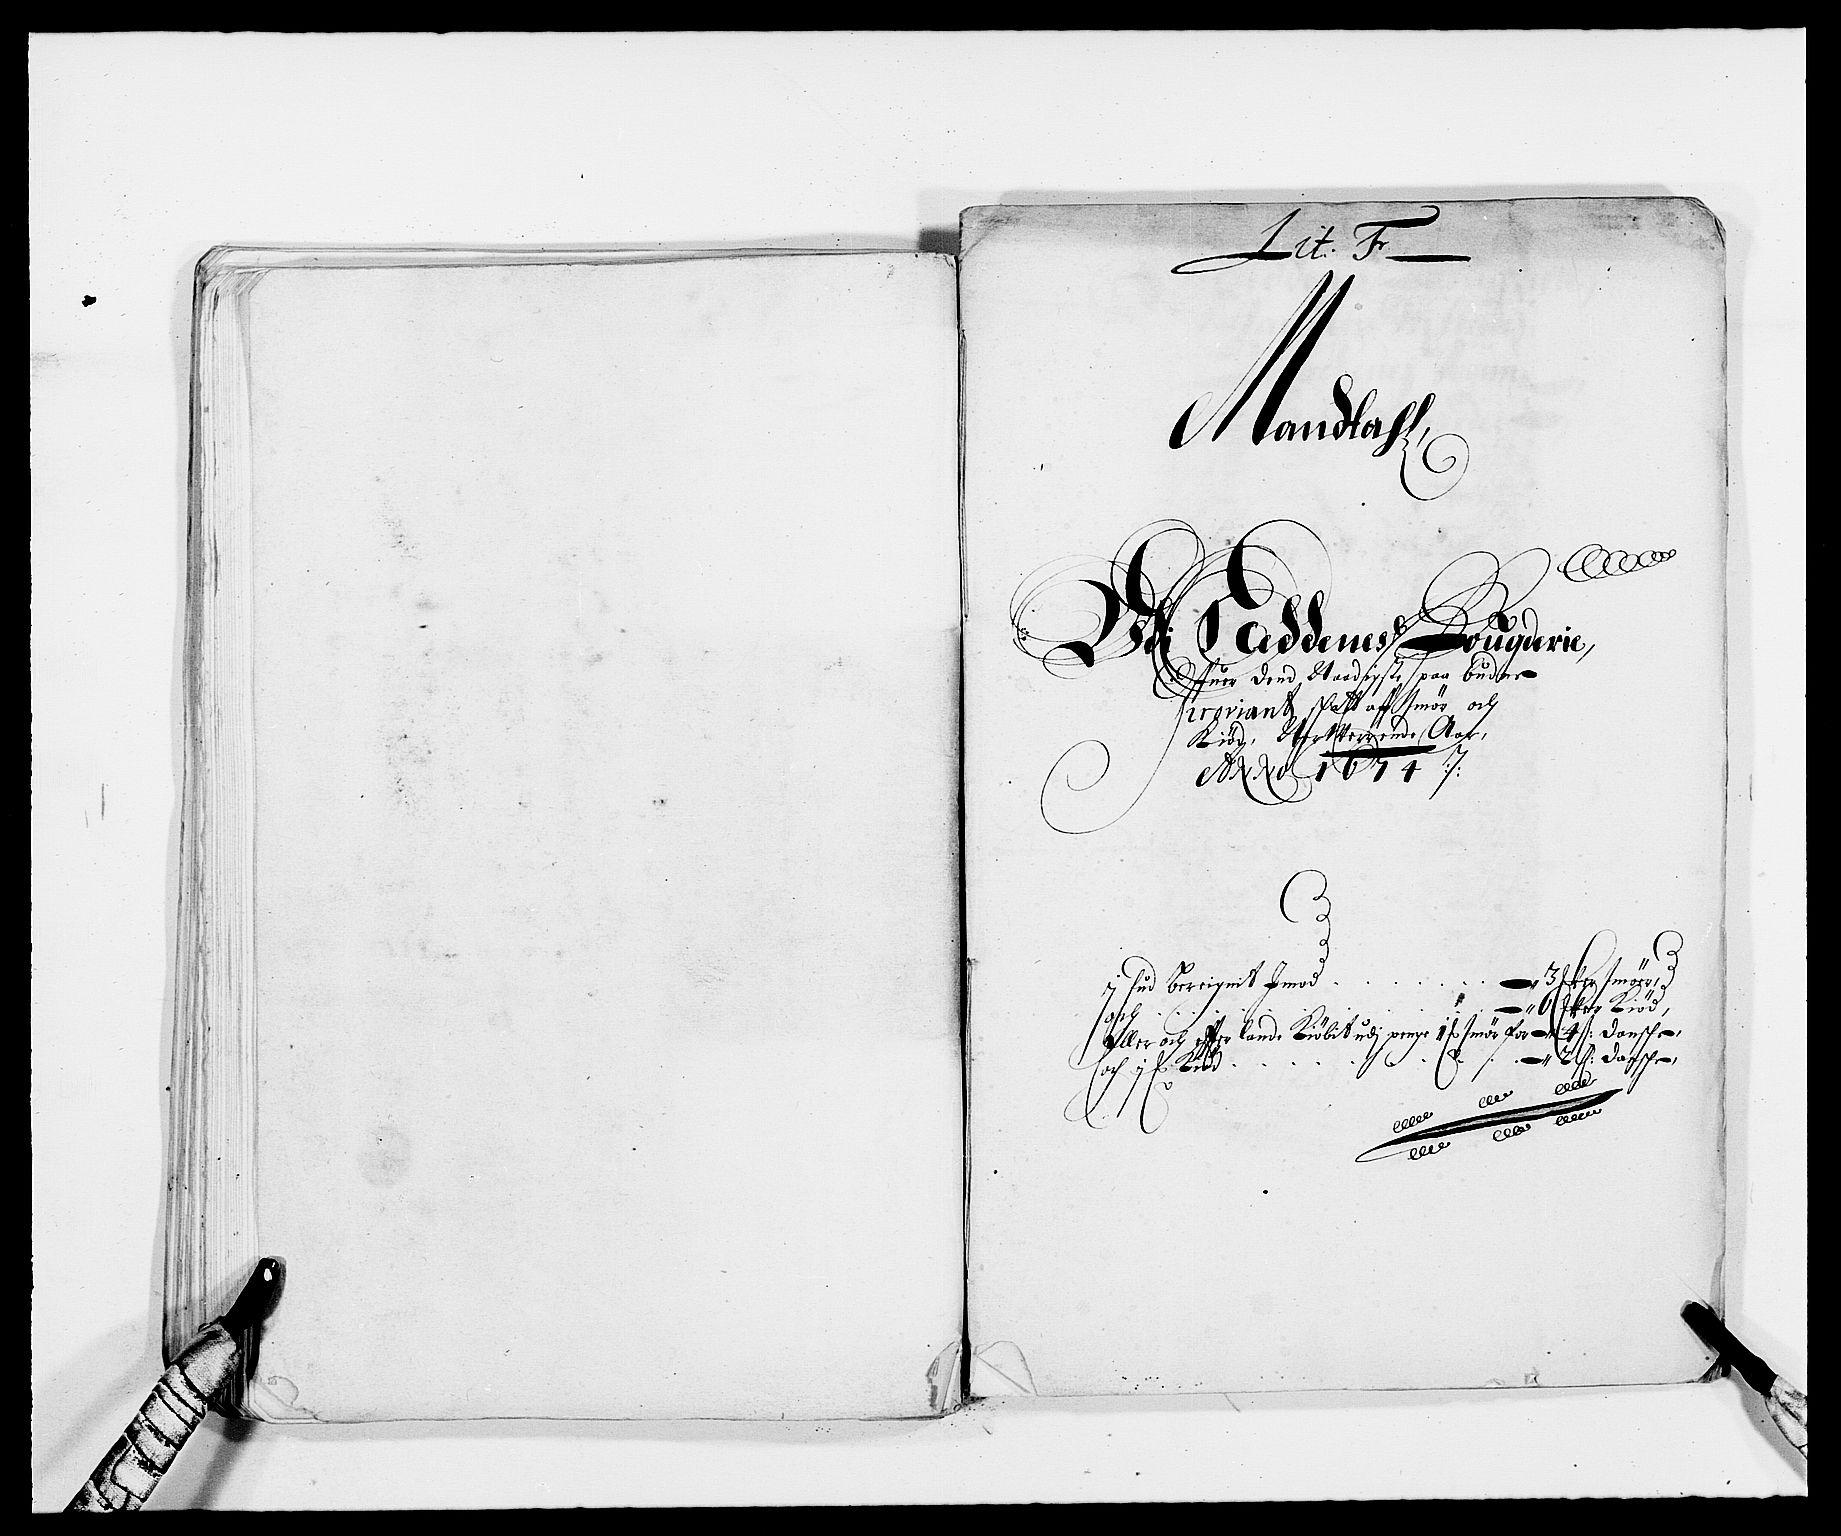 RA, Rentekammeret inntil 1814, Reviderte regnskaper, Fogderegnskap, R39/L2300: Fogderegnskap Nedenes, 1672-1674, s. 399